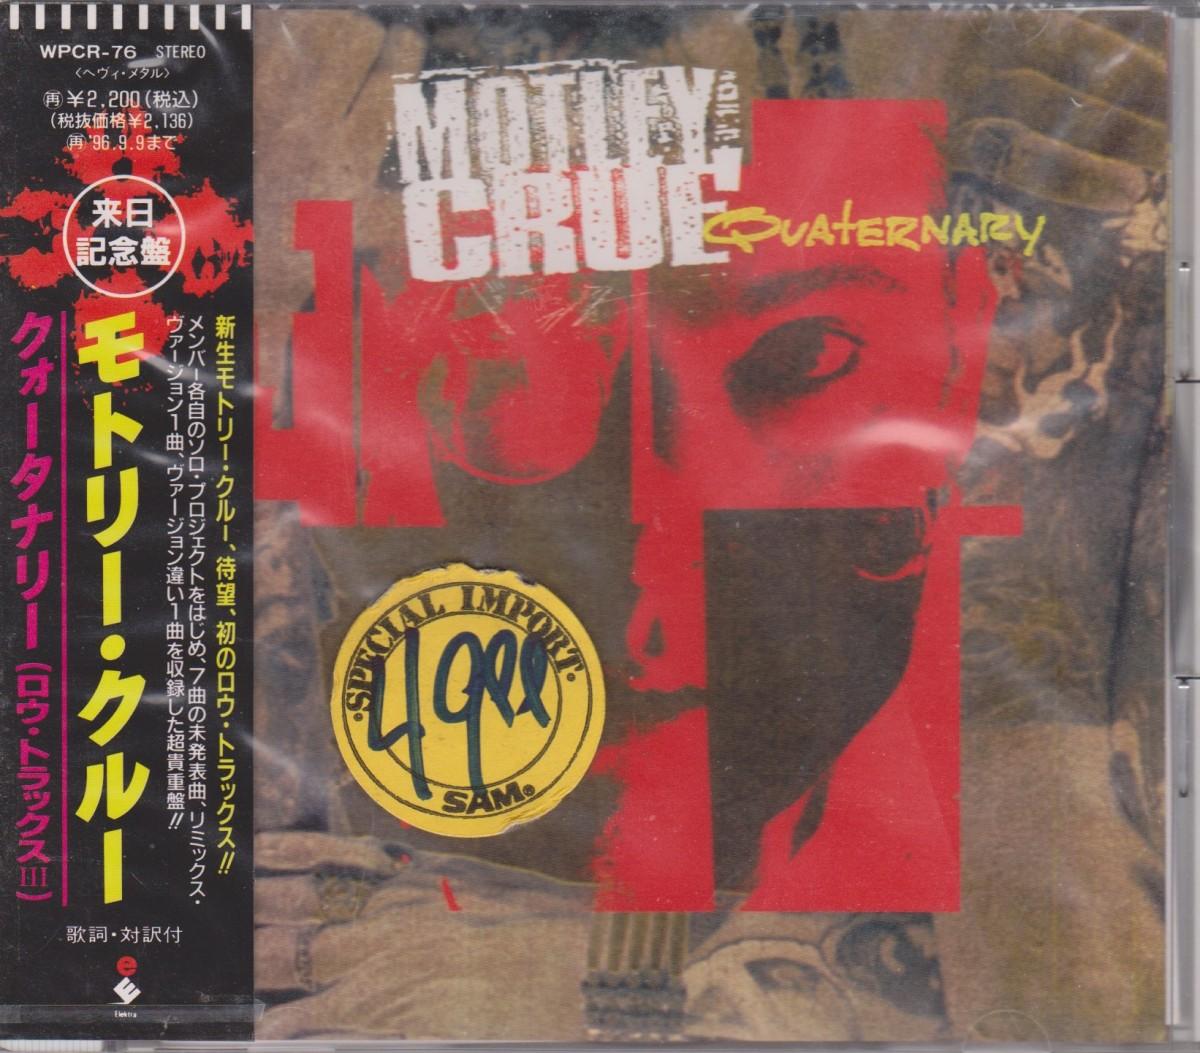 REVIEW:  Motley Crue - Quaternary (1994 Japanese EP)